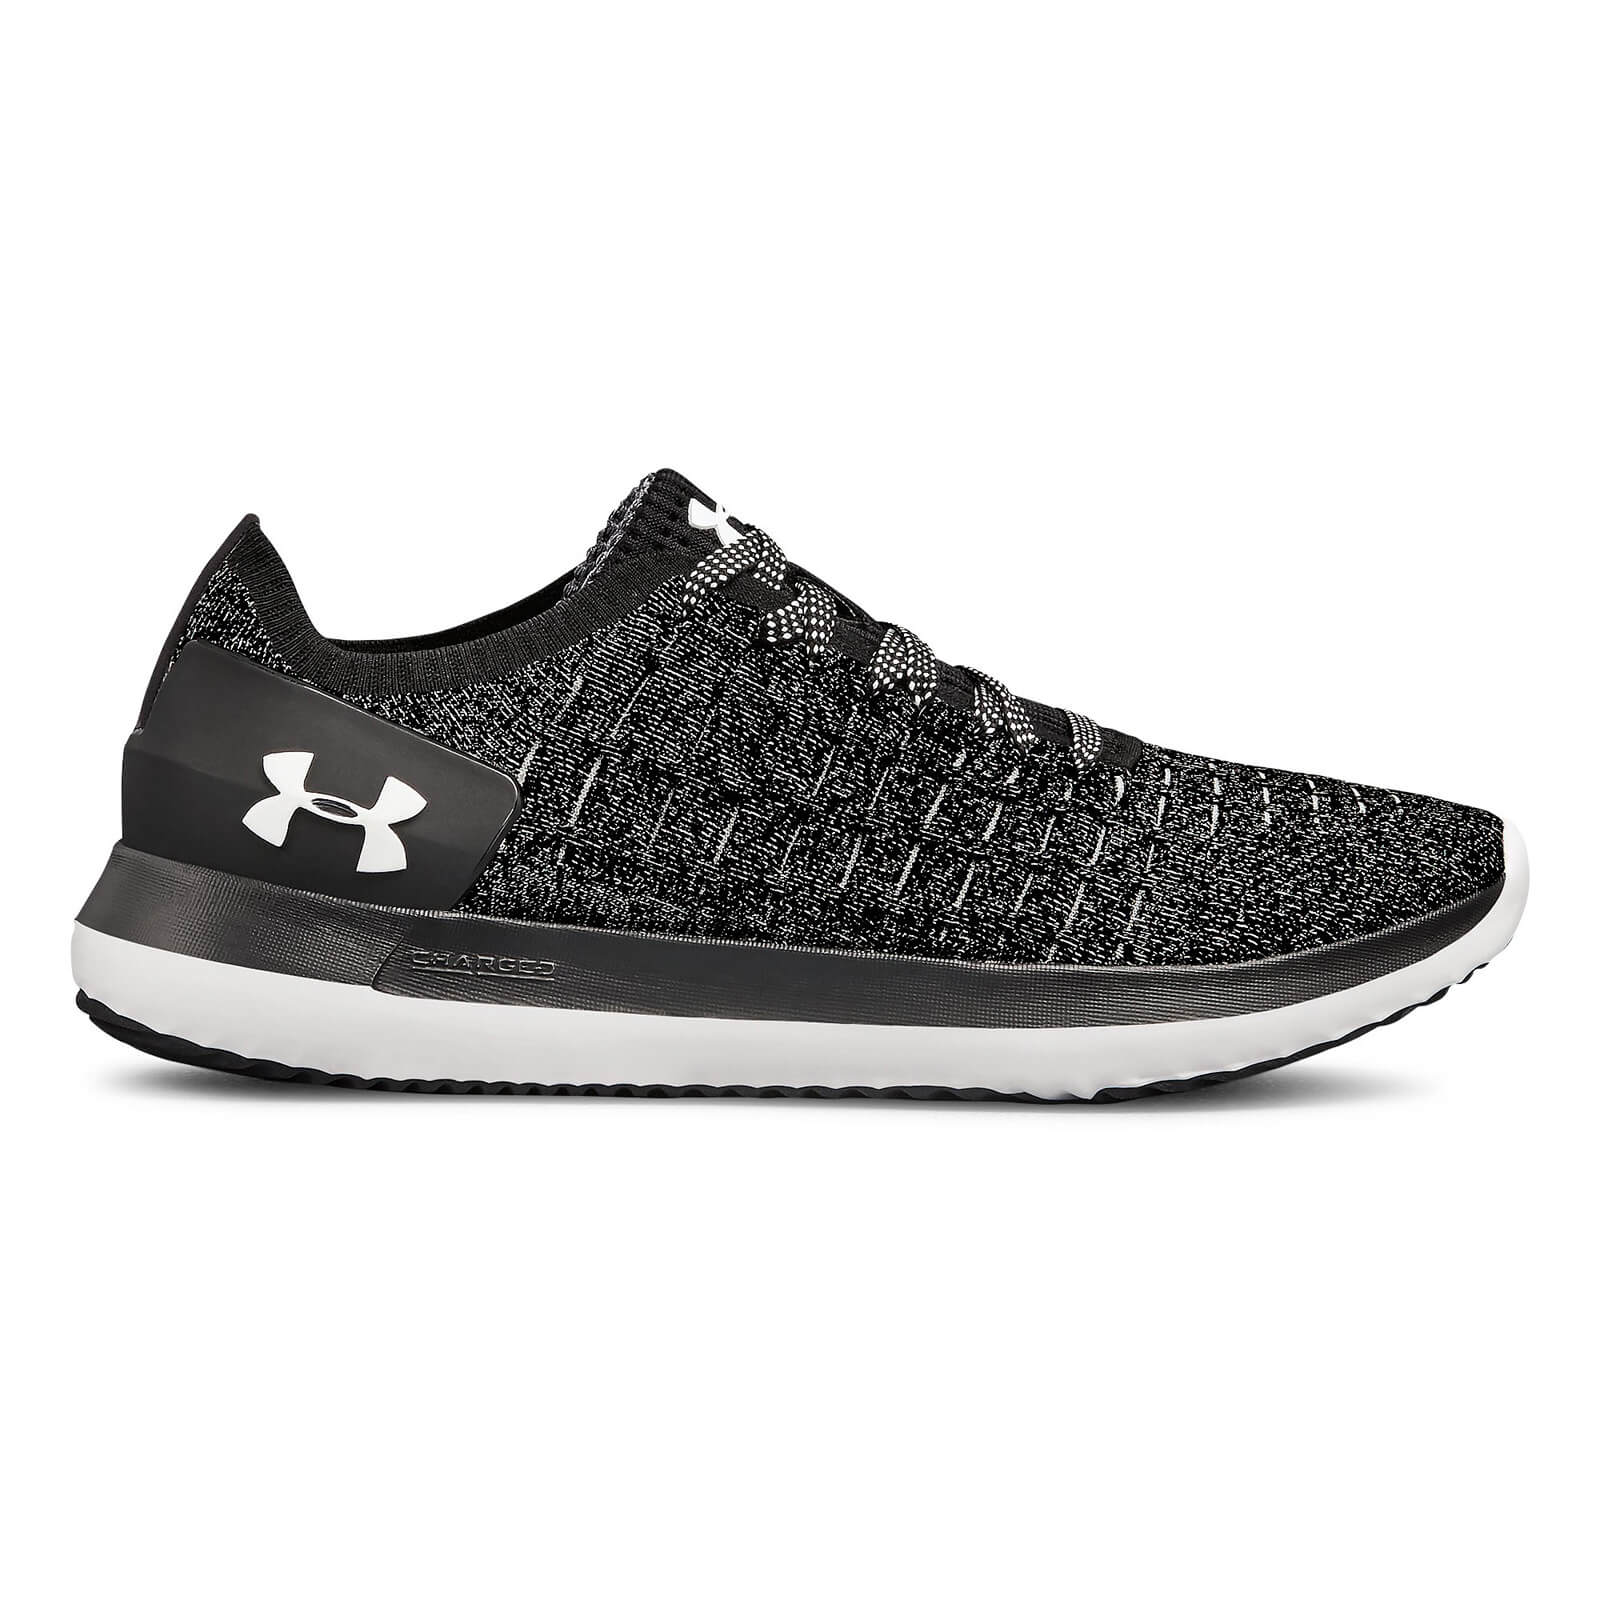 957f1119bb Under Armour Women's Slingride 2 Shoes - Black